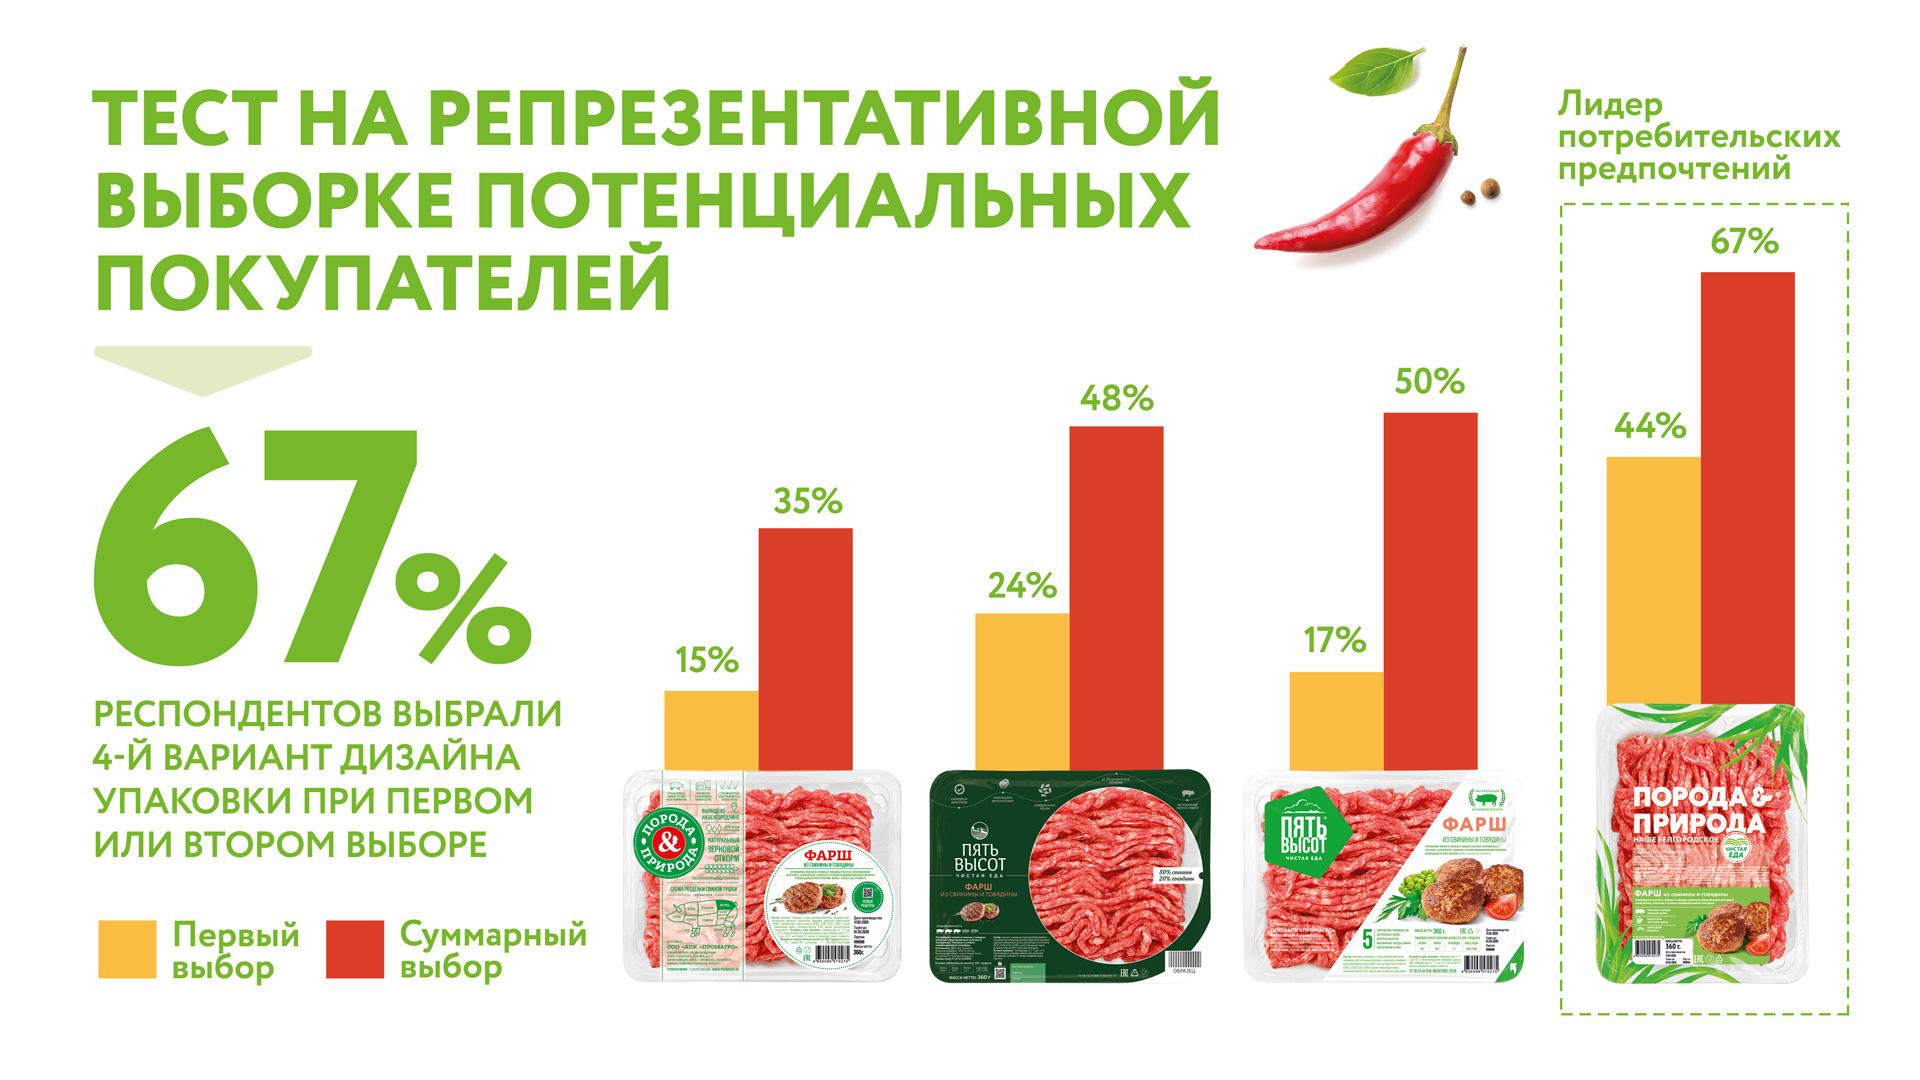 Результаты тестирования дизайна упаковки нового бренда охлаждённой свинины